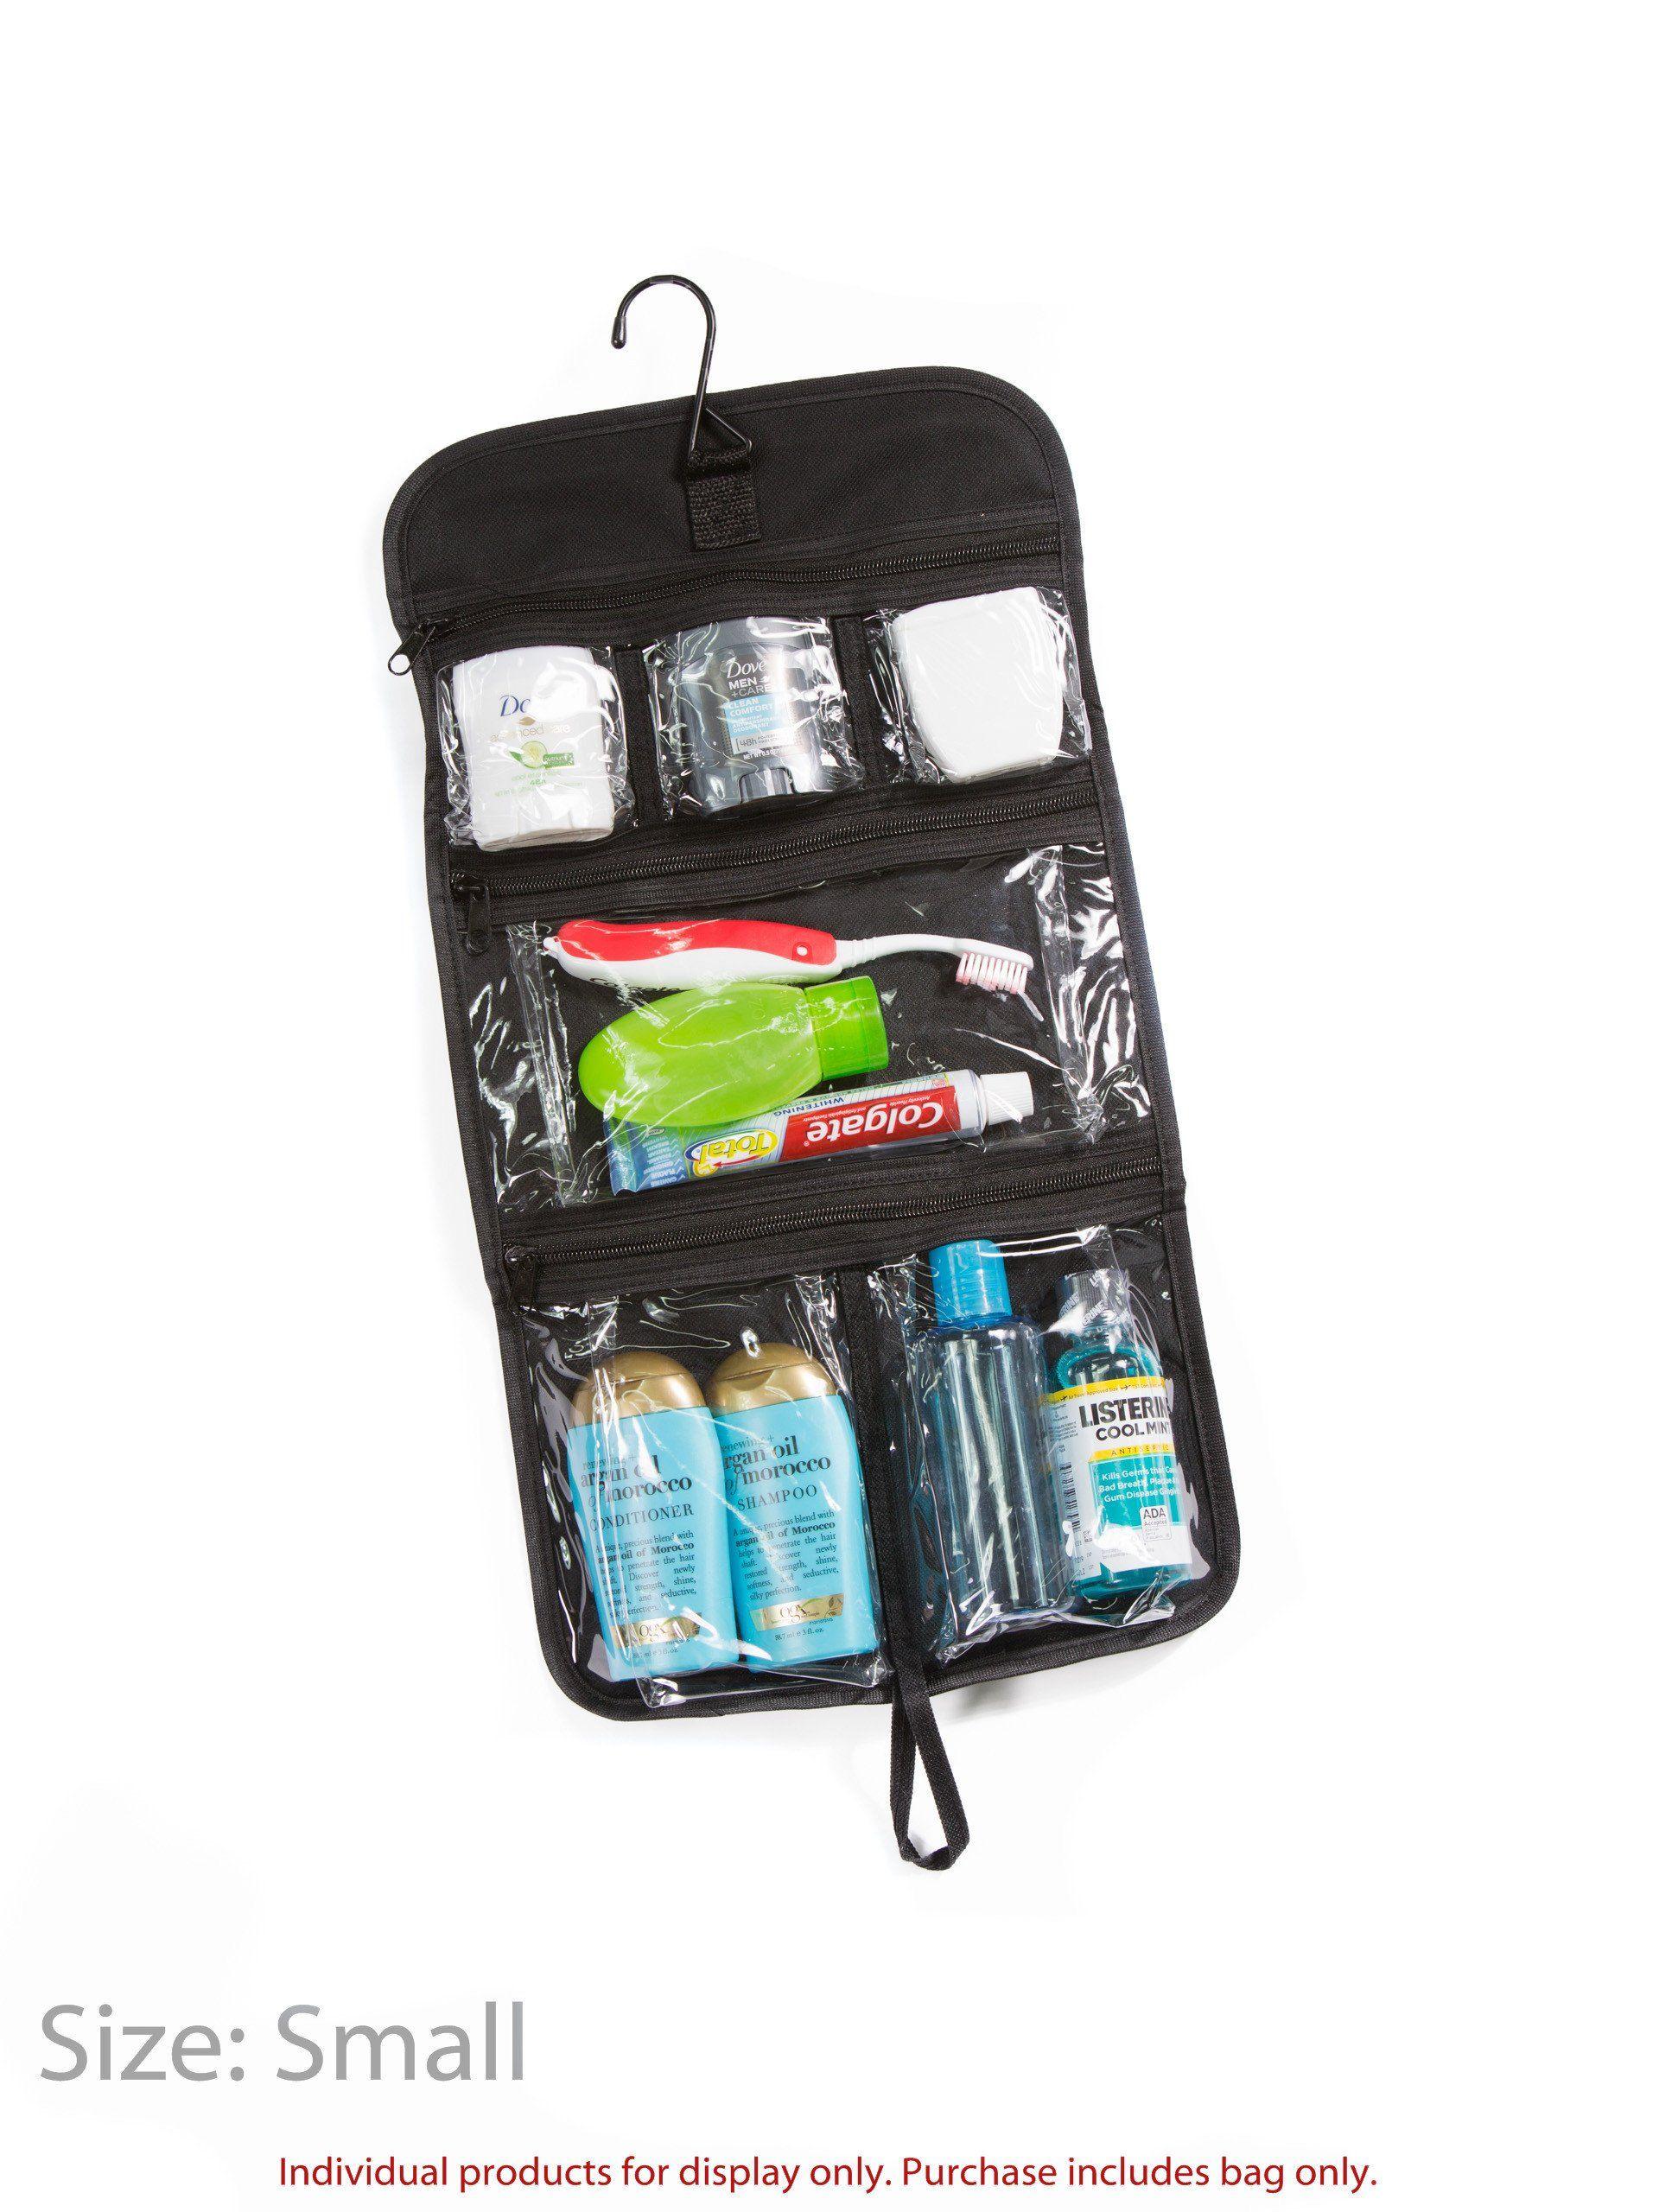 Expert Traveler Hanging Toiletry Bag - Designed By Travelers for Travelers e4859c35cbf92